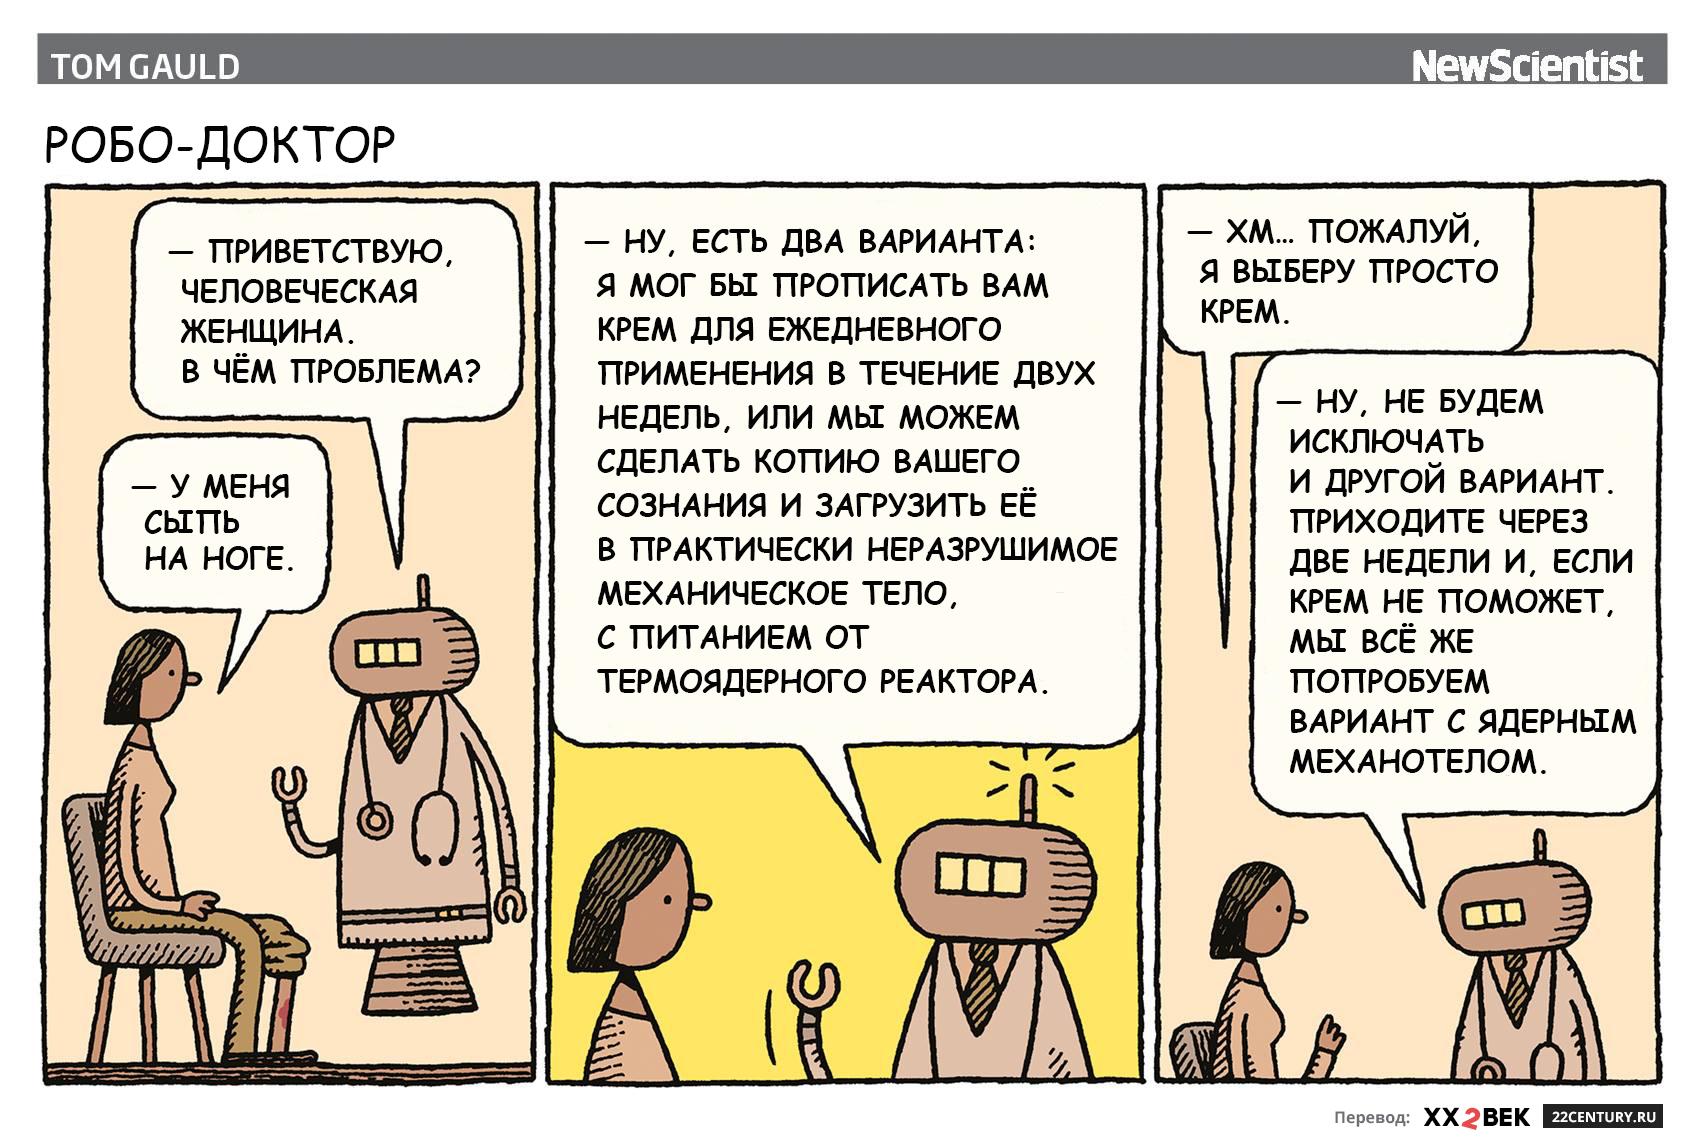 Том Голд. Робо-доктор. Комикс